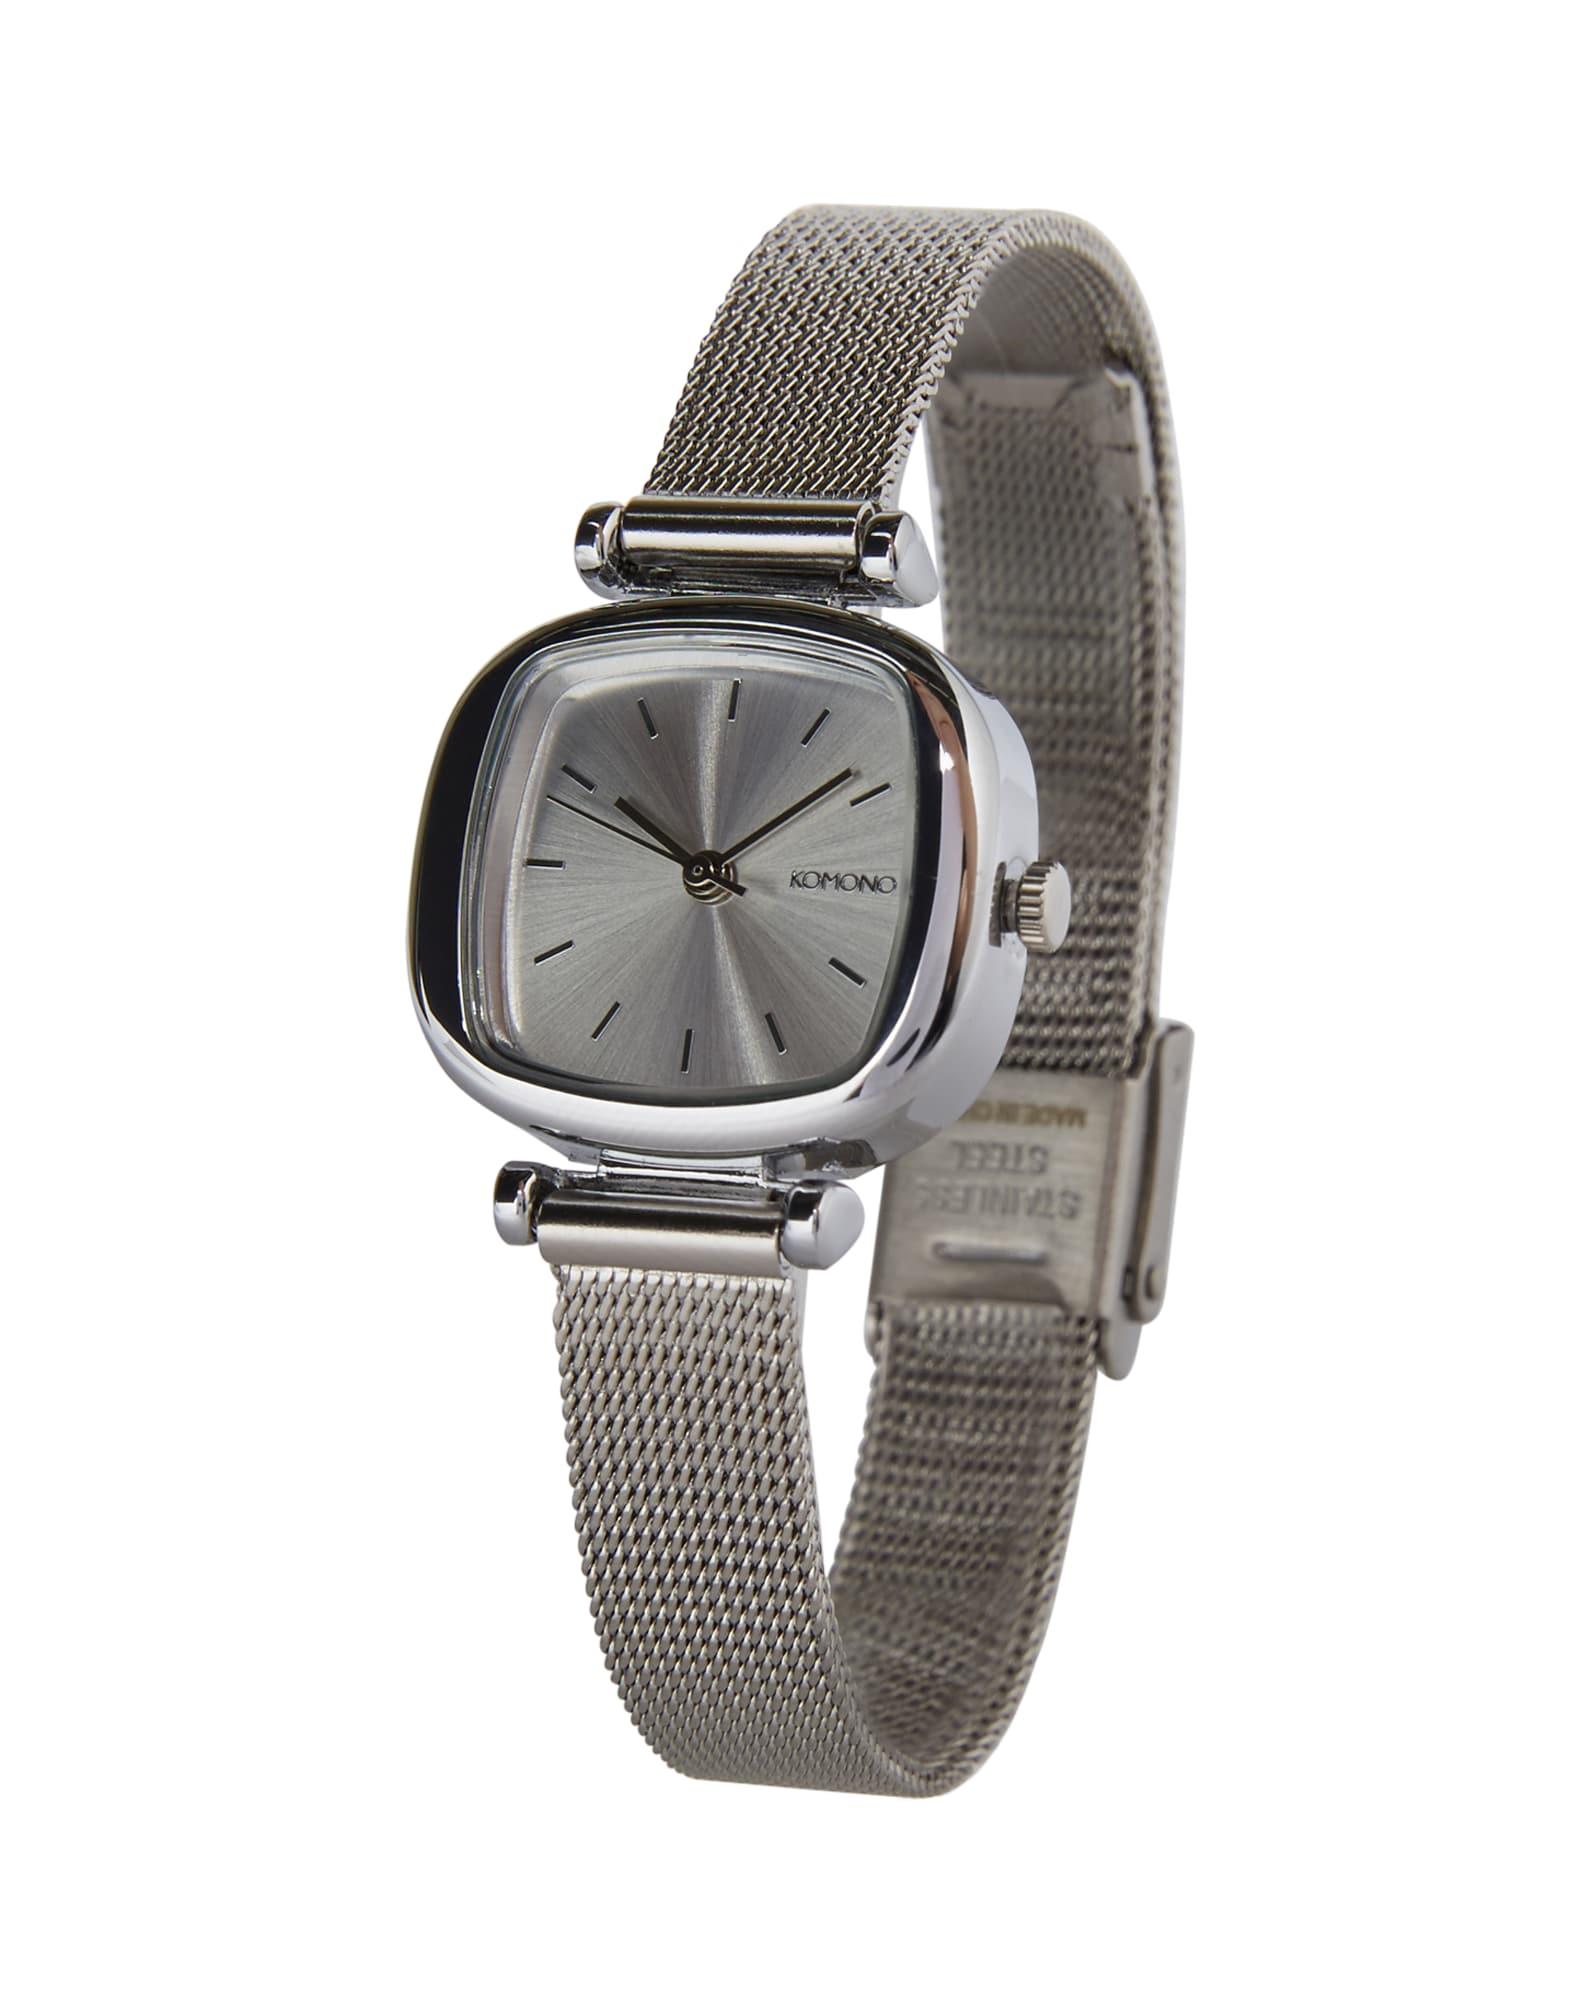 Analogové hodinky Moneypenny Royale stříbrná Komono